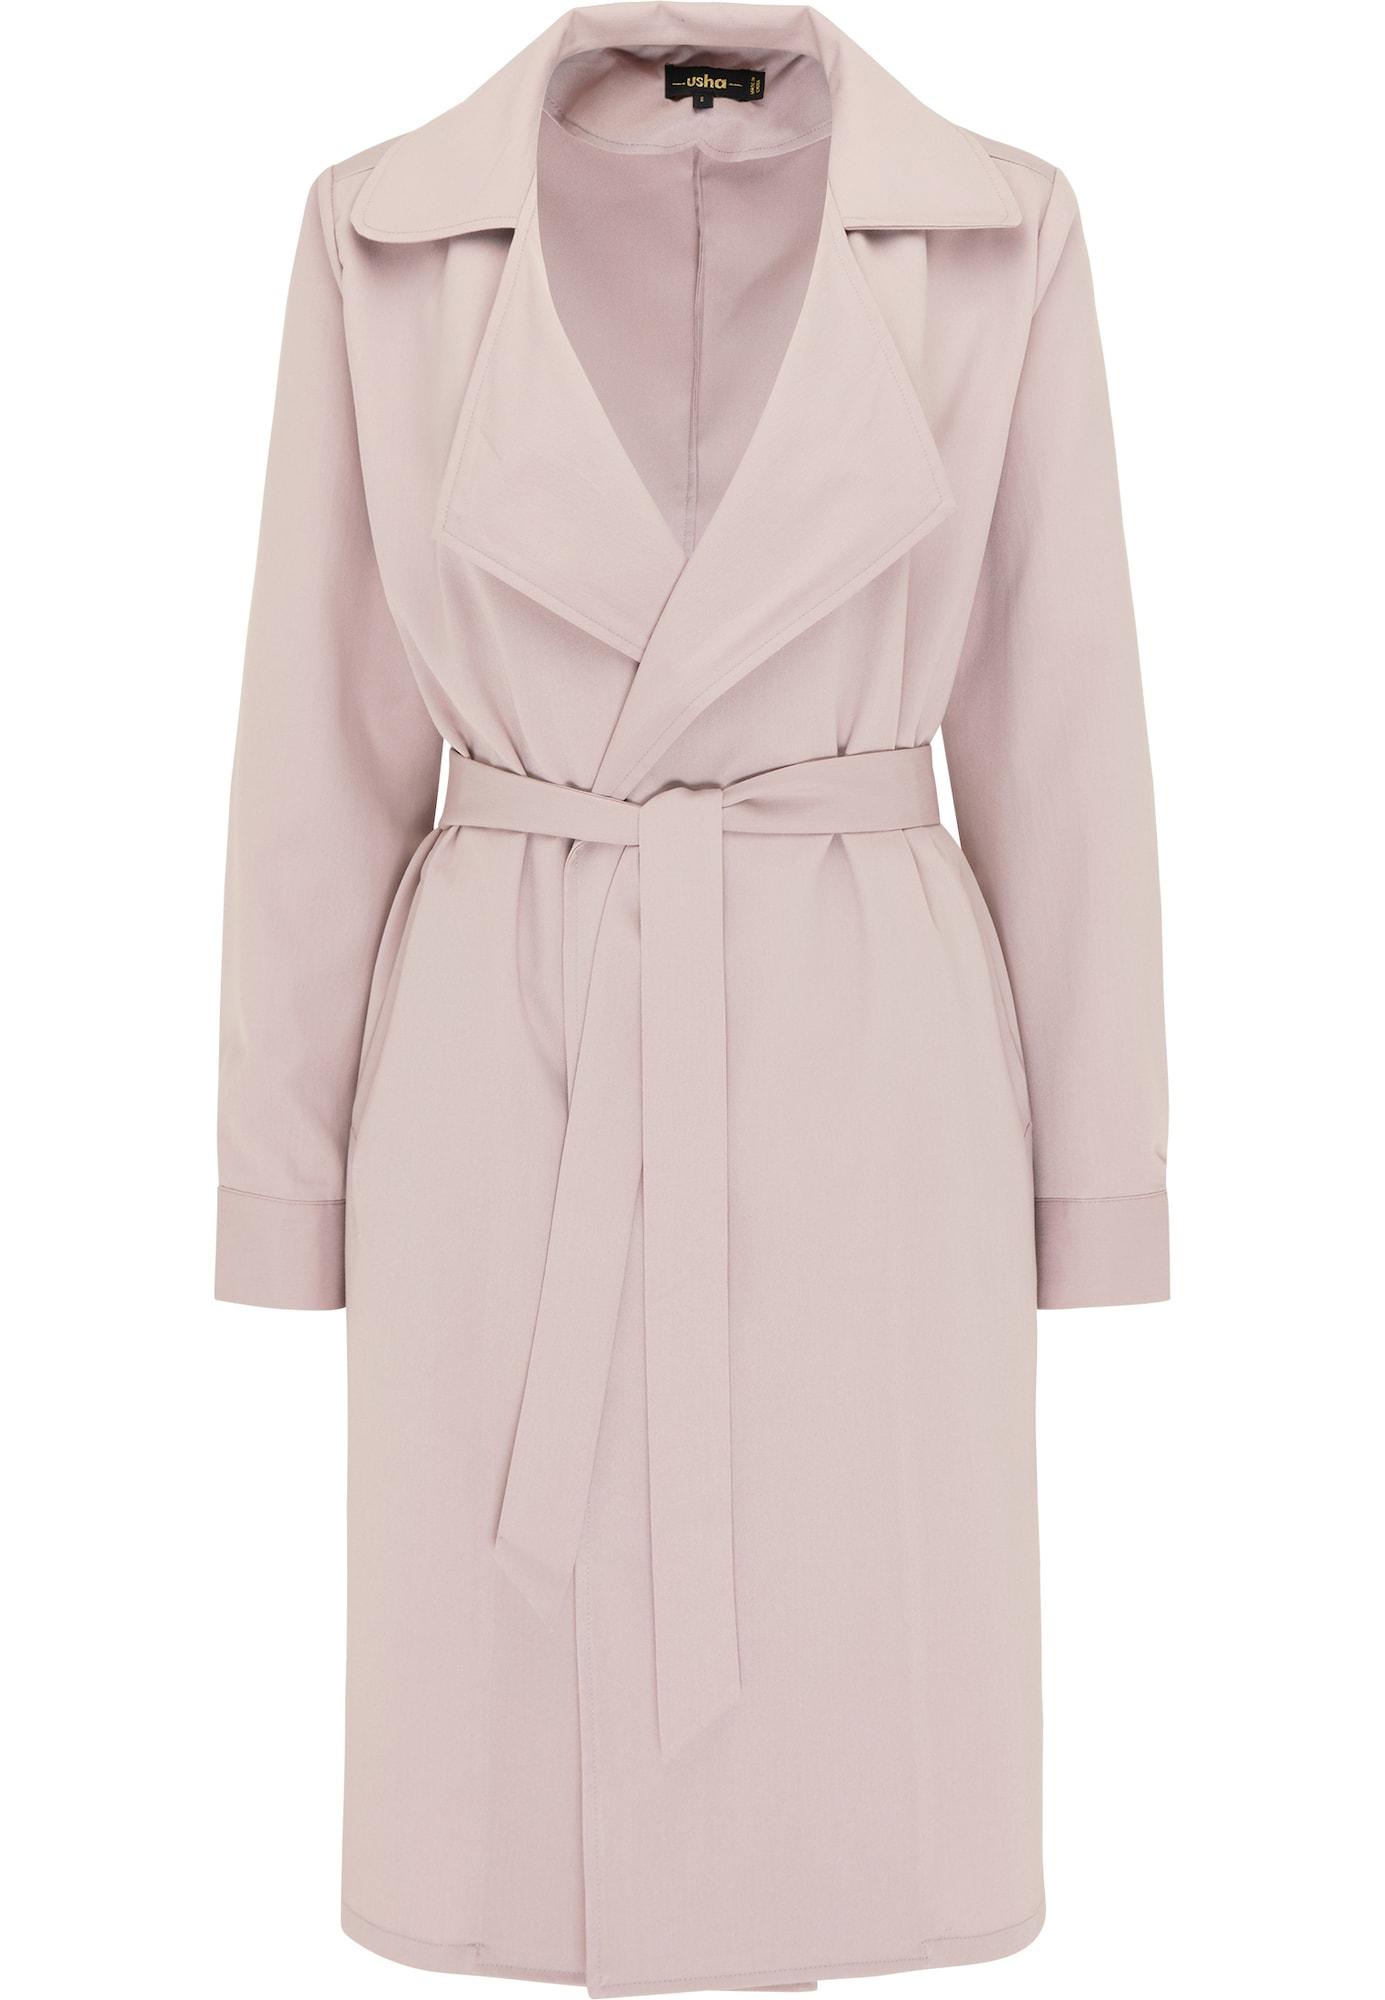 usha BLACK LABEL Demisezoninis paltas pastelinė violetinė